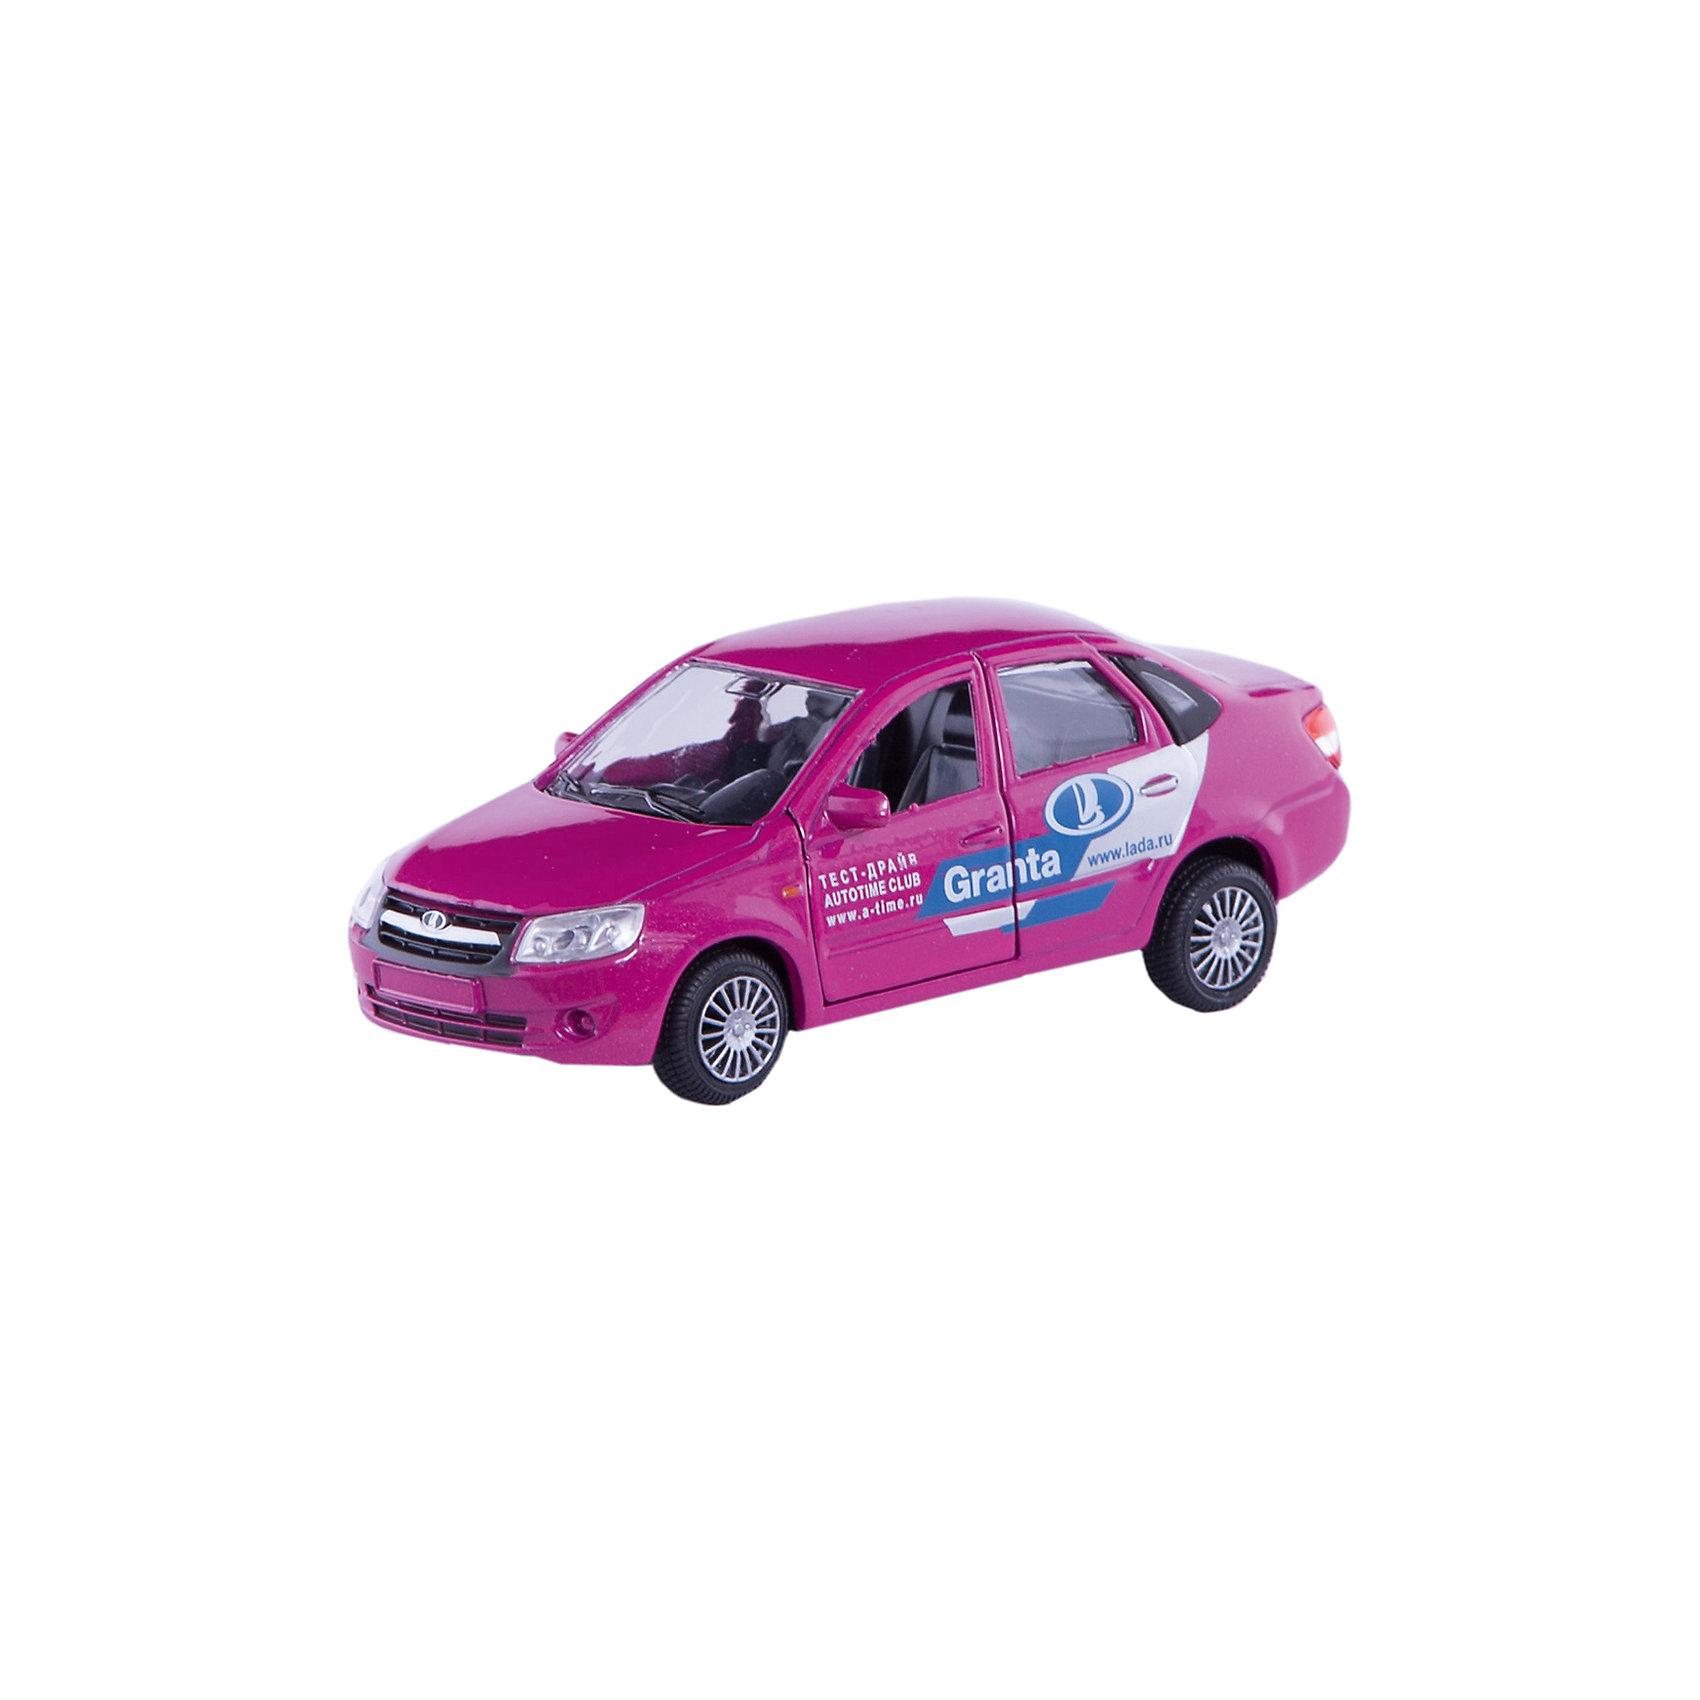 Машинка Lada Granta тест-драйв 1:36, AutotimeМашинки<br>Характеристики товара:<br><br>• цвет: розовый<br>• материал: металл, пластик<br>• размер: 16,5х7,х5,7 см<br>• вес: 100 г<br>• масштаб: 1:36<br>• колеса вращаются<br>• хорошая детализация<br>• открываются двери<br>• страна бренда: Россия<br>• страна производства: Китай<br><br>Коллекционная машинка LADA GRANTA тест-драйв от бренда AUTOTIME станет отличным подарком для мальчика. Подробная детализация машинки порадует увлеченного коллекционера, а открывающиеся двери и свободно вращающиеся колеса придутся по душе юному владельцу игрушечного гаража. Эта игрушка подарит восторг и радость вашему ребенку. <br>Игрушка также воздействует на наглядно-образное мышление, логическое мышление, развивает мелкую моторику. Изделие выполнено из сертифицированных материалов, безопасных для детей.<br><br>Машинку «Lada Granta» тест-драйв от бренда AUTOTIME можно купить в нашем интернет-магазине.<br><br>Ширина мм: 165<br>Глубина мм: 57<br>Высота мм: 75<br>Вес г: 13<br>Возраст от месяцев: 36<br>Возраст до месяцев: 2147483647<br>Пол: Мужской<br>Возраст: Детский<br>SKU: 5583895